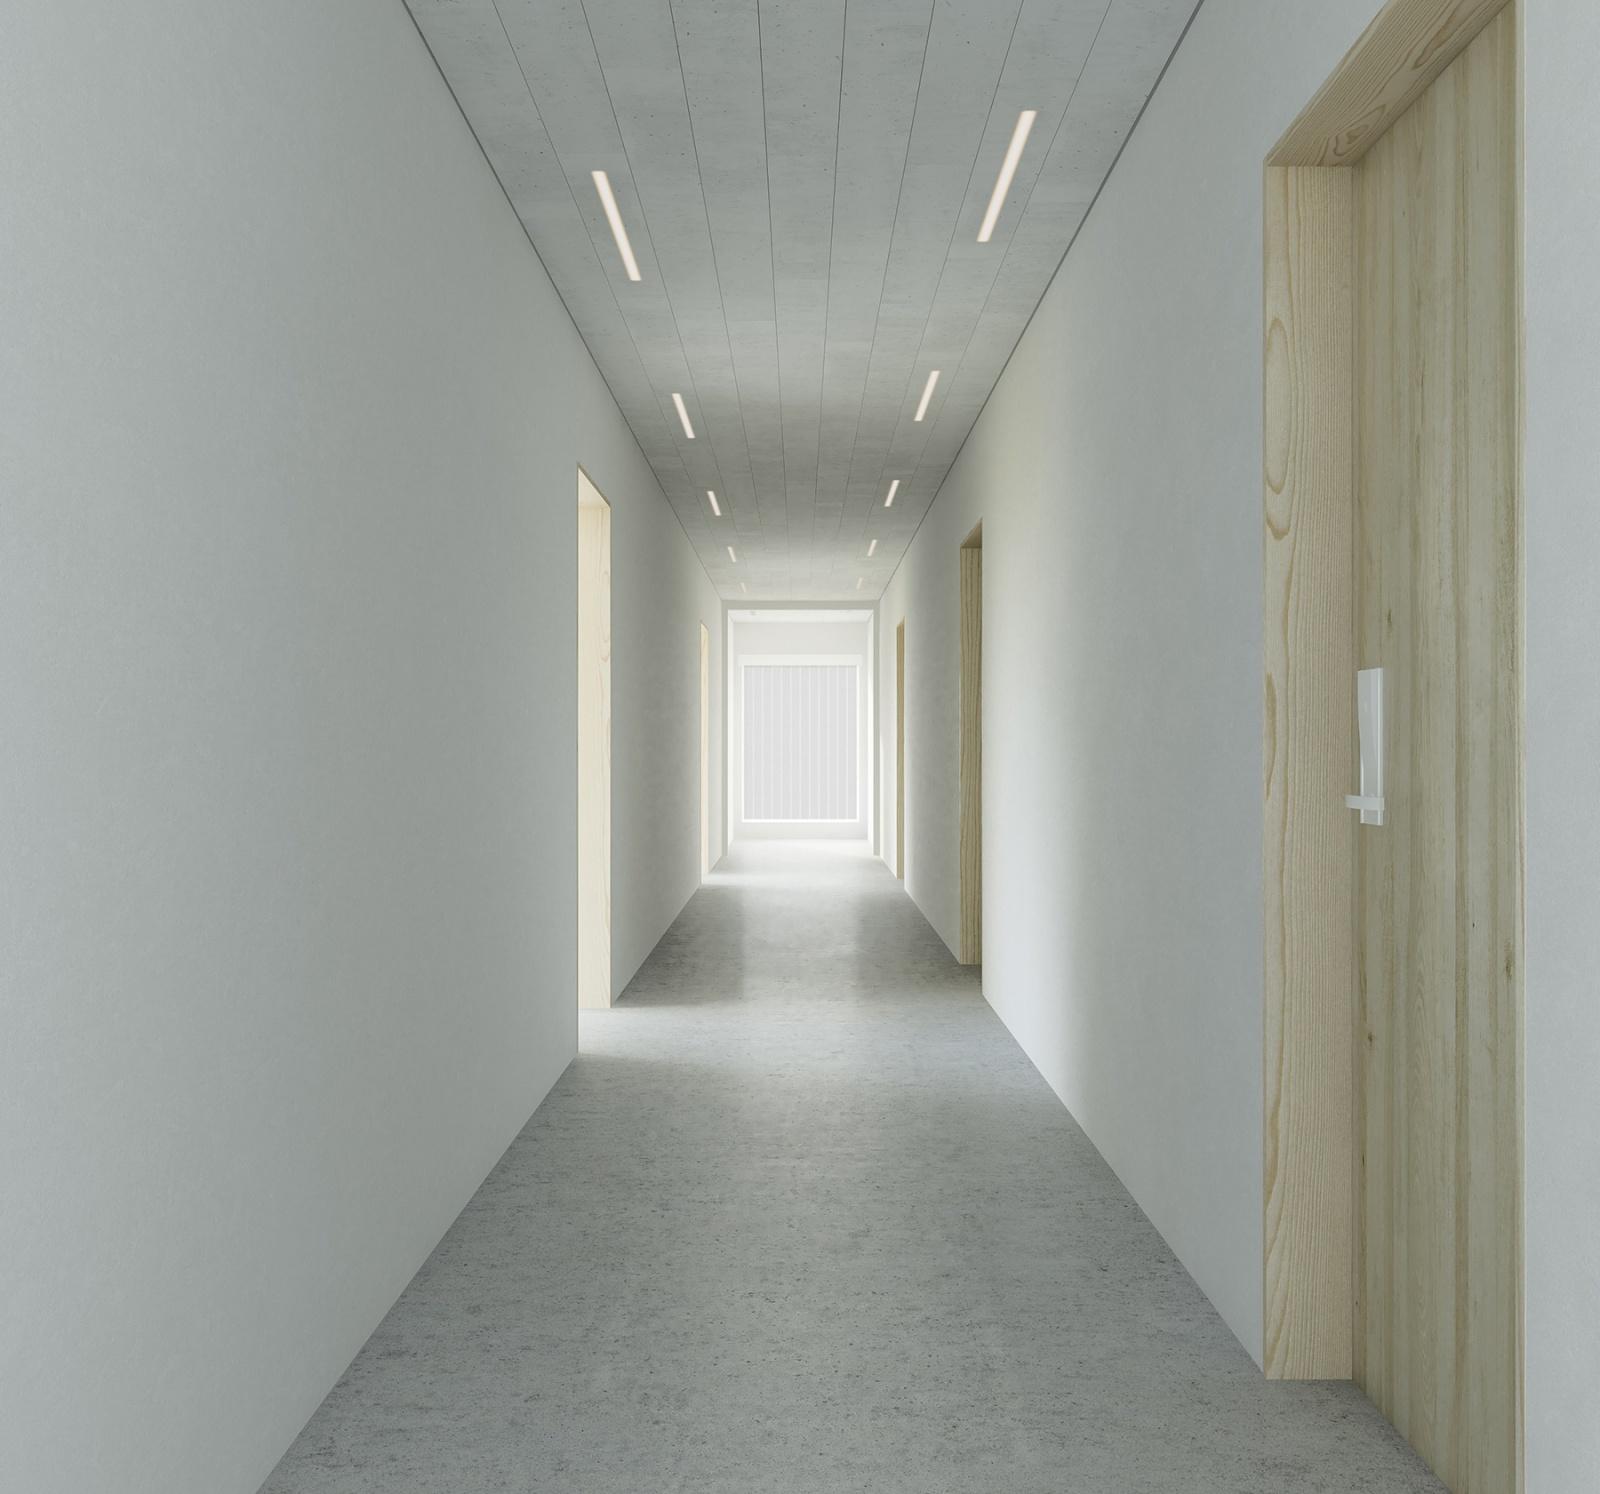 kovr-hyde-led-lighting-panel-for-interior-4